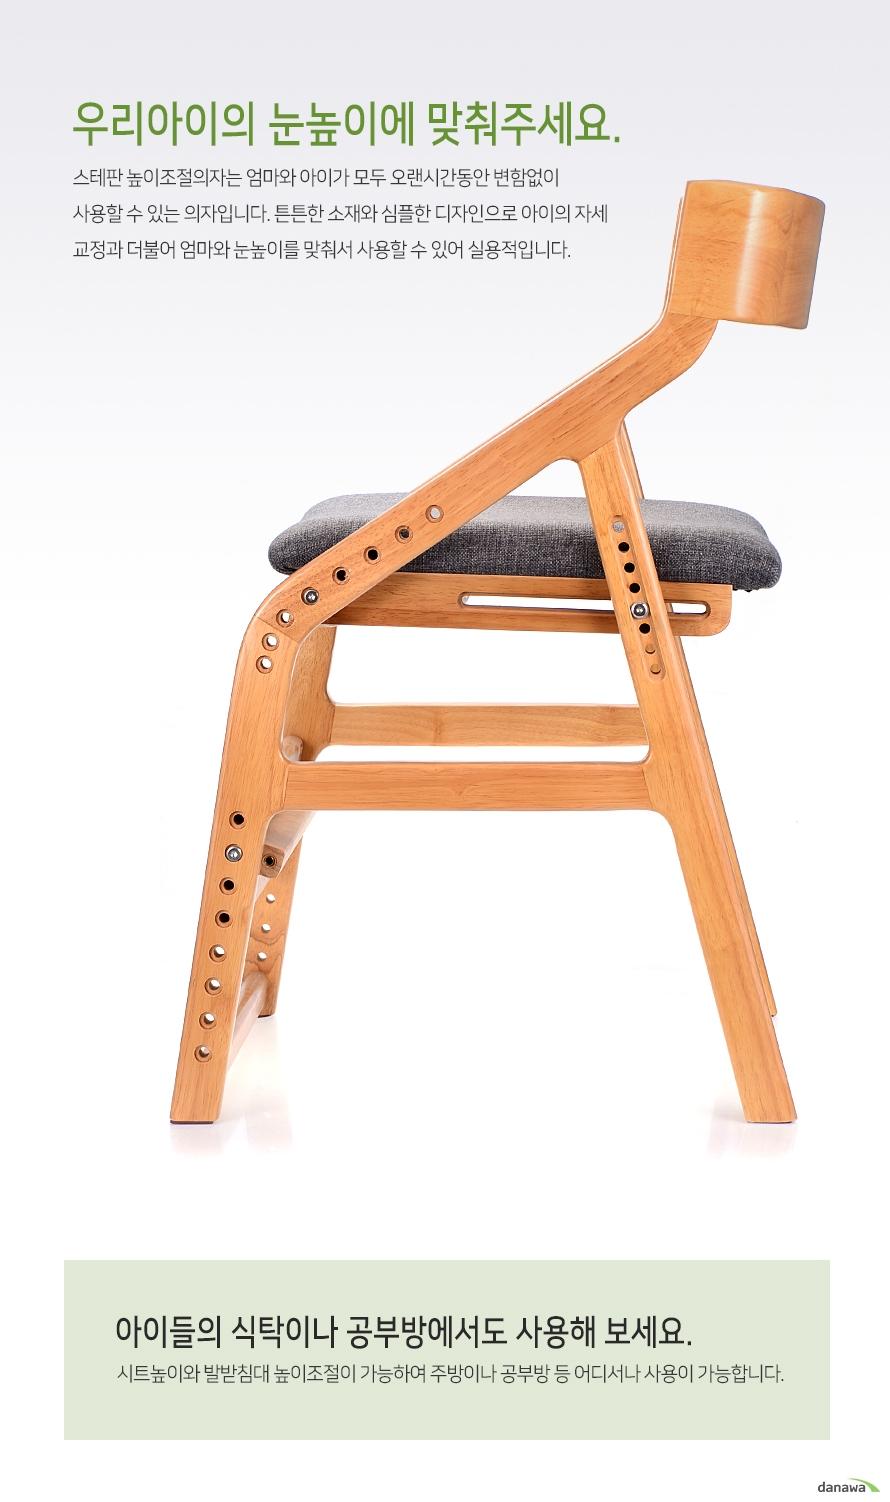 우리아이의 눈높이에 맞춰주세요.스테판 높이조절의자는 엄마와 아이가 모두 오랜시간동안 변함없이 사용할 수 있는 의자입니다. 튼튼한 소재와 심플한 디자인으로 아이의 자세교정과 더불어 엄마와 눈높이를 맞춰서 사용할 수 있어 실용적입니다.아이들의 식탁이나 공부방에서도 사용해 보세요.시트높이와 발받침대 높이조절이 가능하여 주방이나 공부방 등 어디서나 사용이 가능합니다.